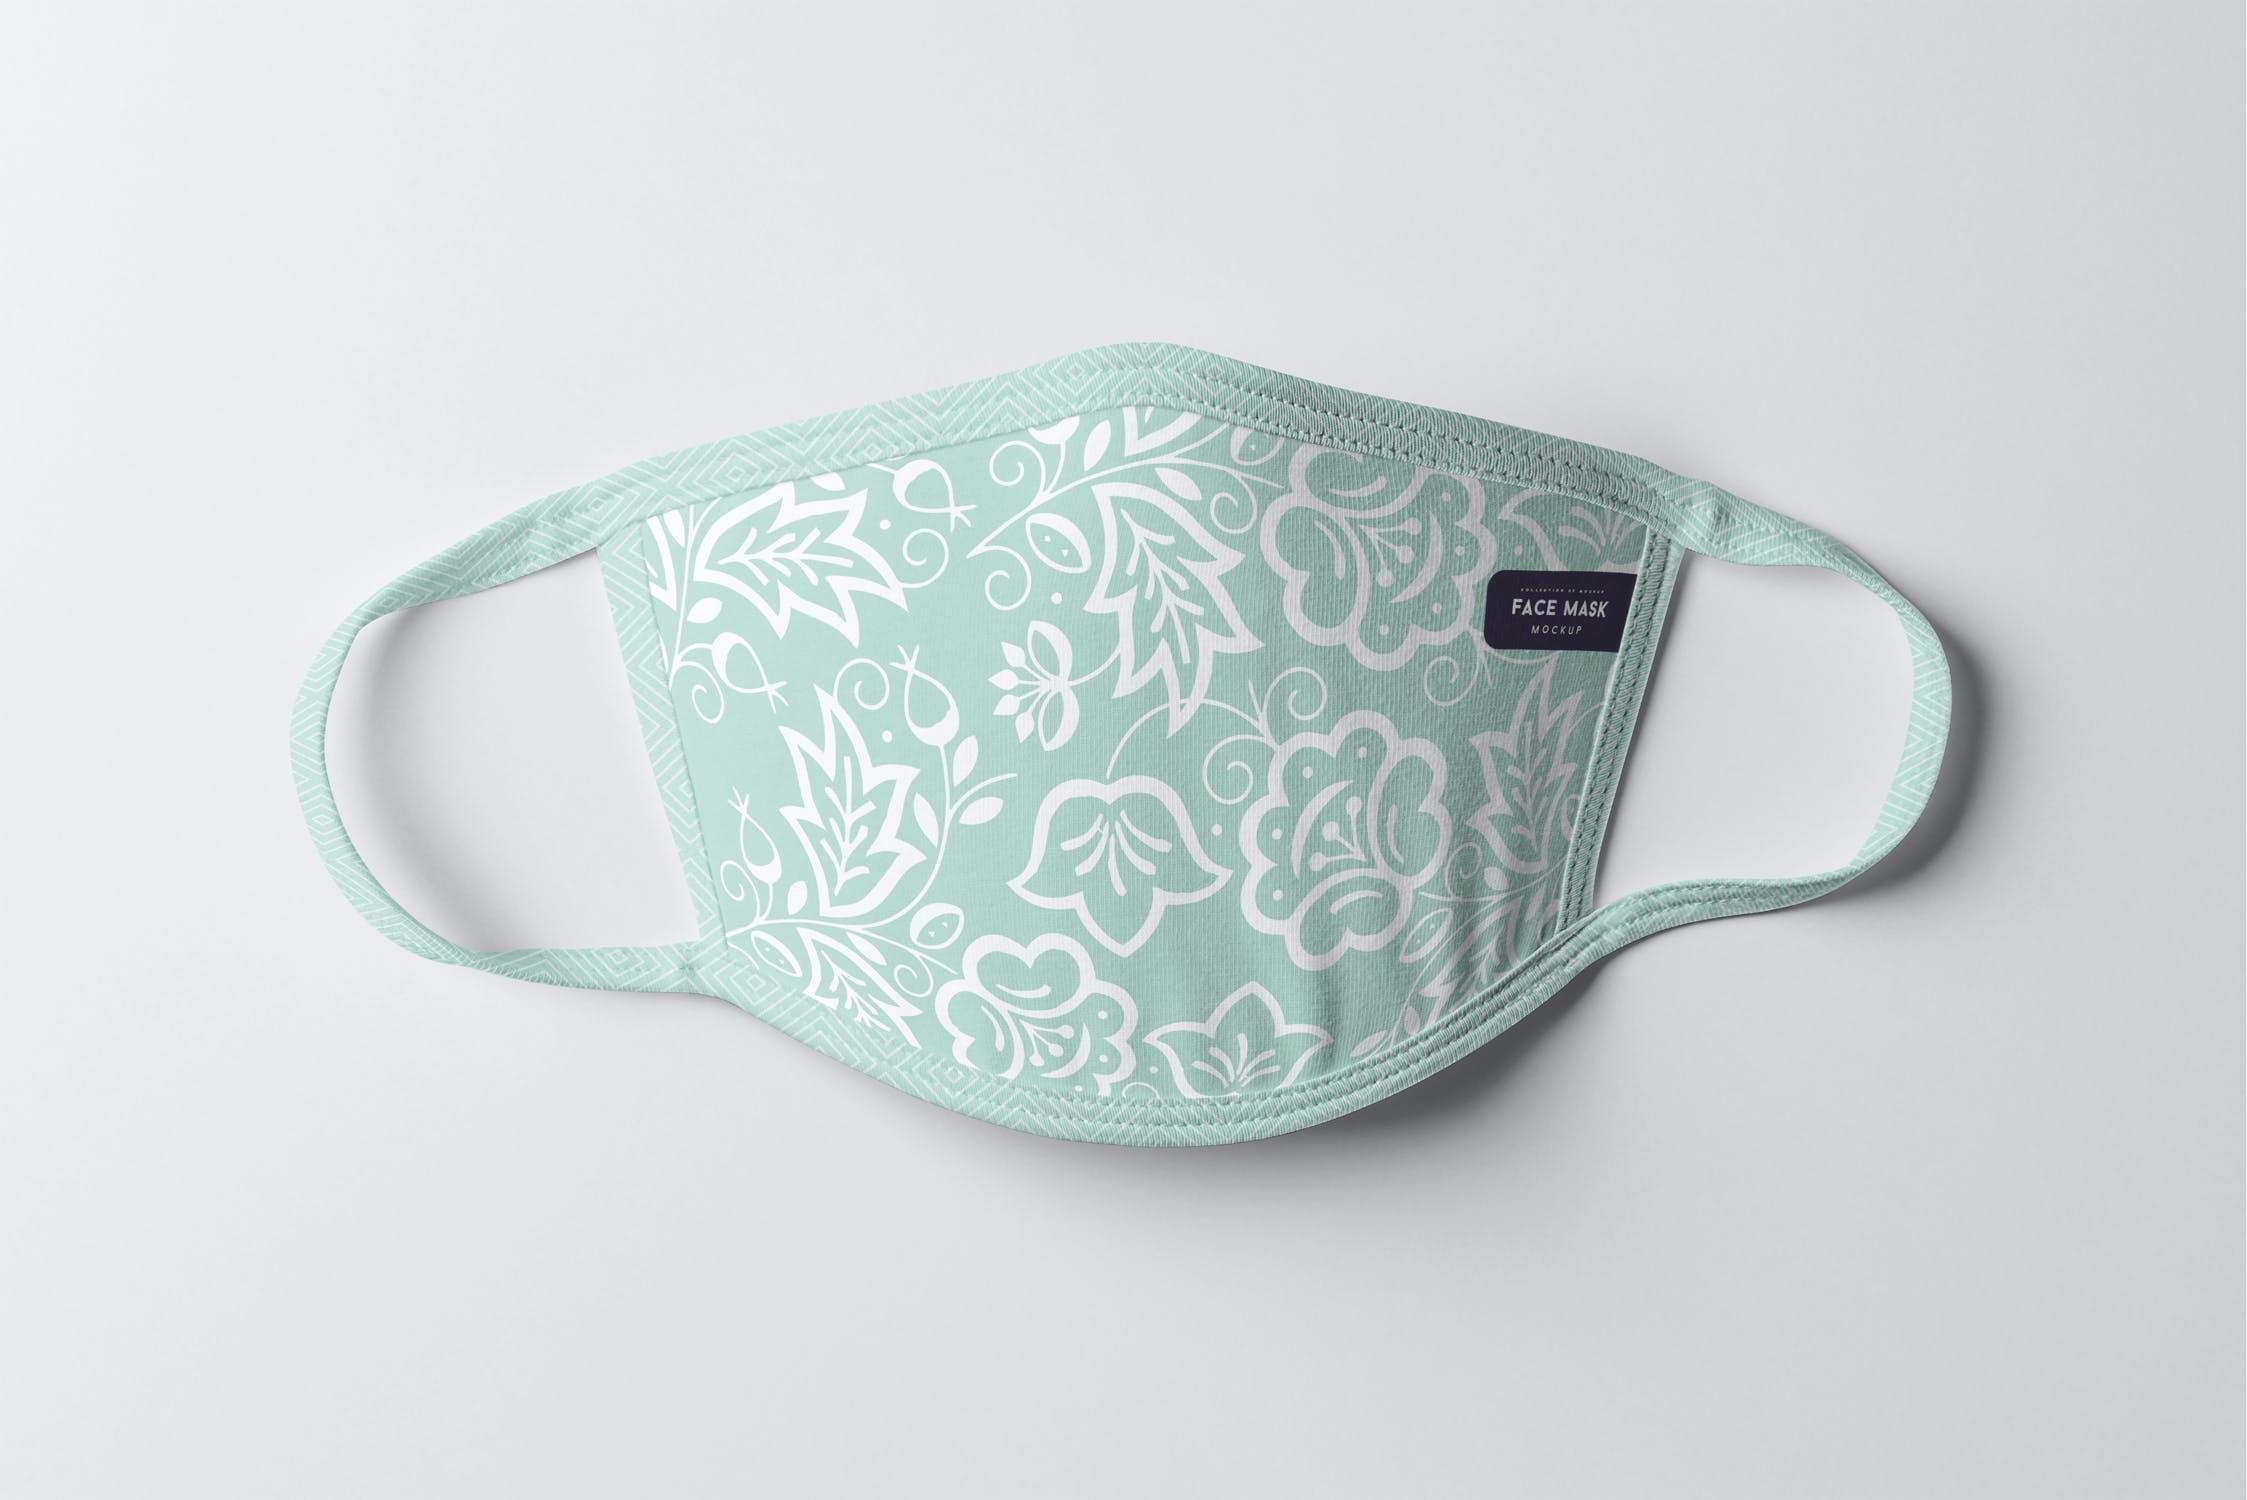 8款防护面罩口罩印花设计展示样机PSD模板 Face Mask Mockup插图(13)